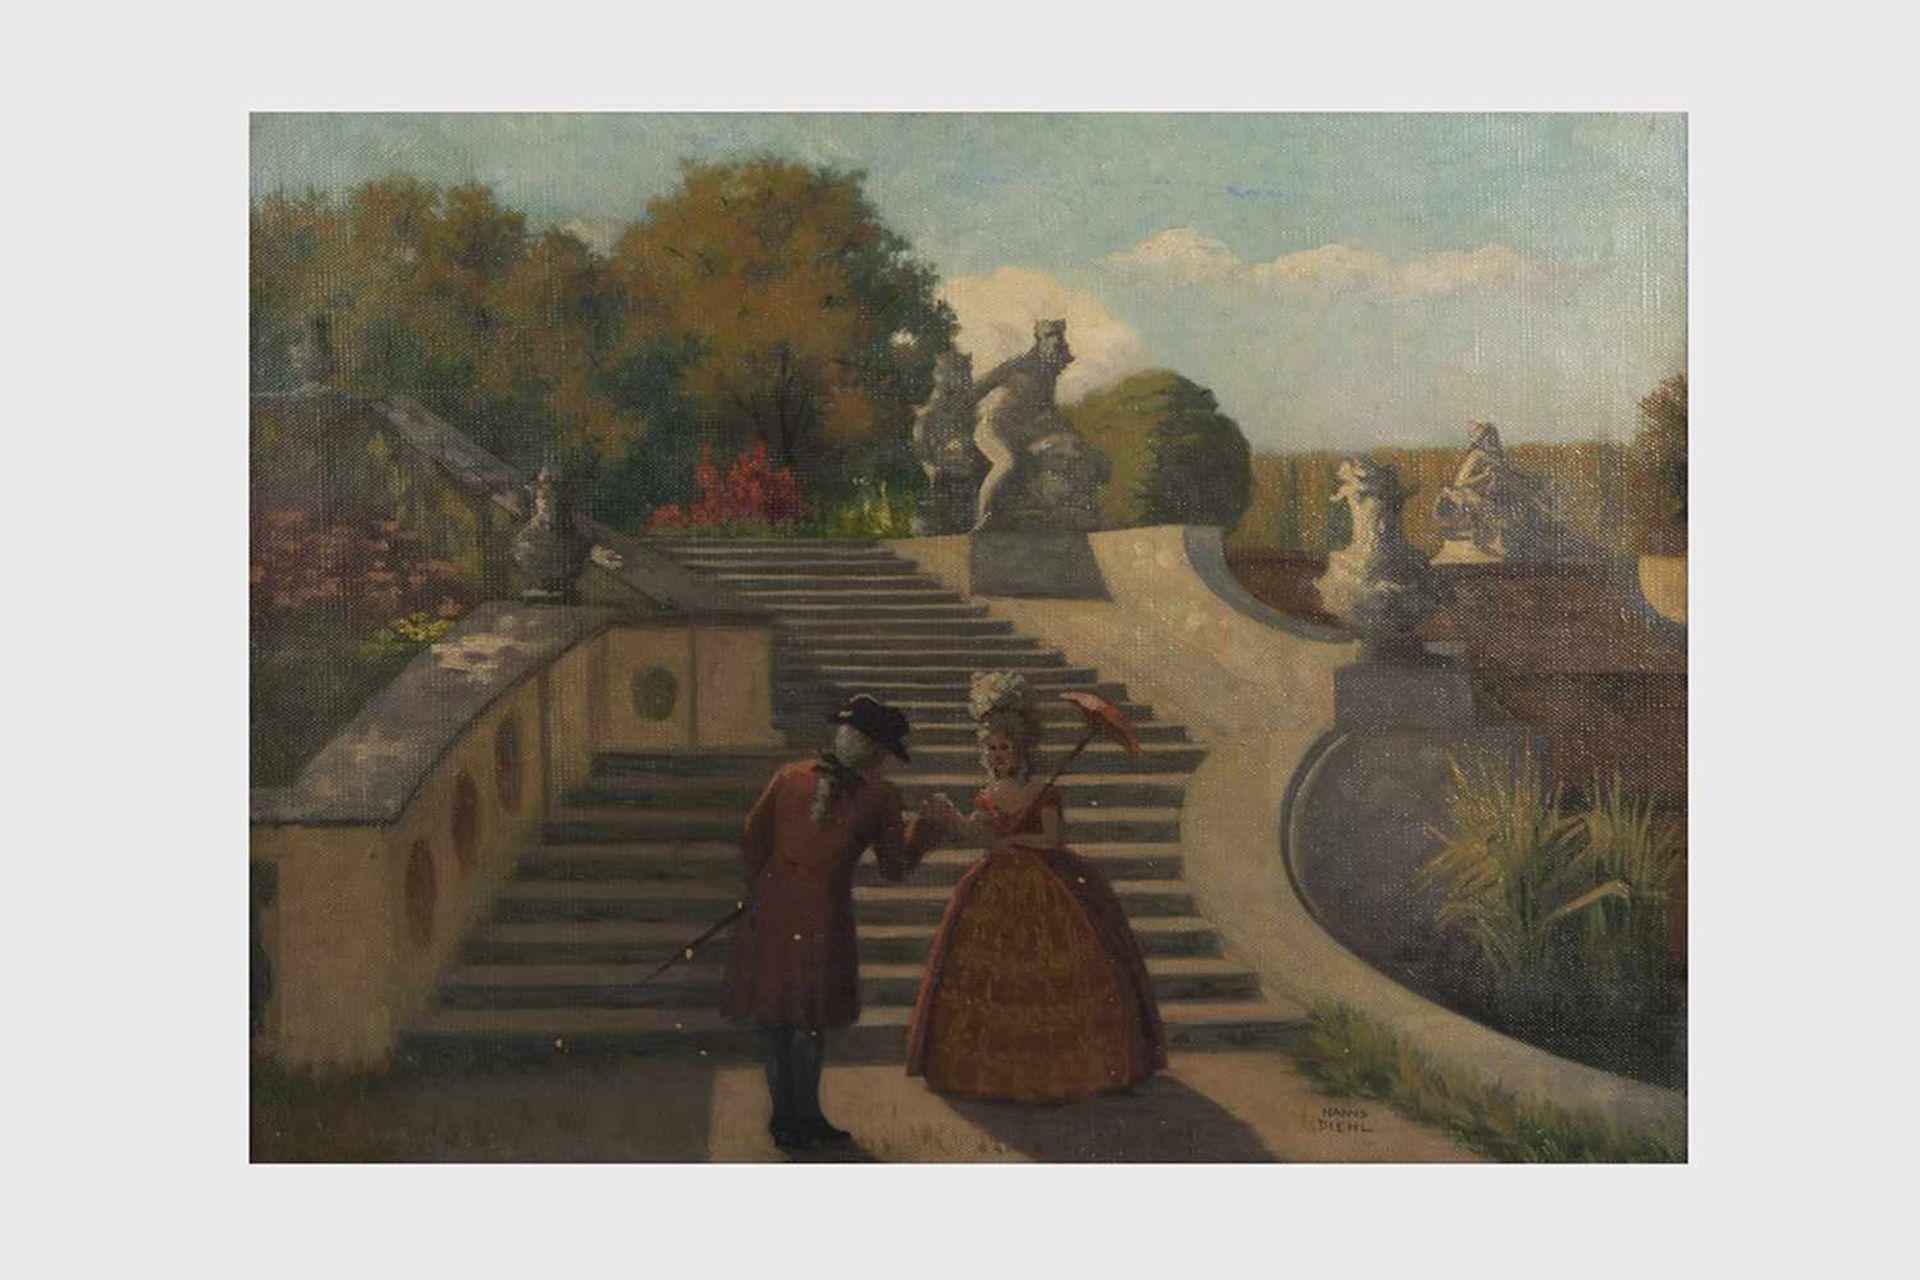 Los 7 - Hanns Diehl (Pirmasens Rheinpfalz 1877-1946 Wien) Schlosspark, signiert Hanns Diehl, Öl auf